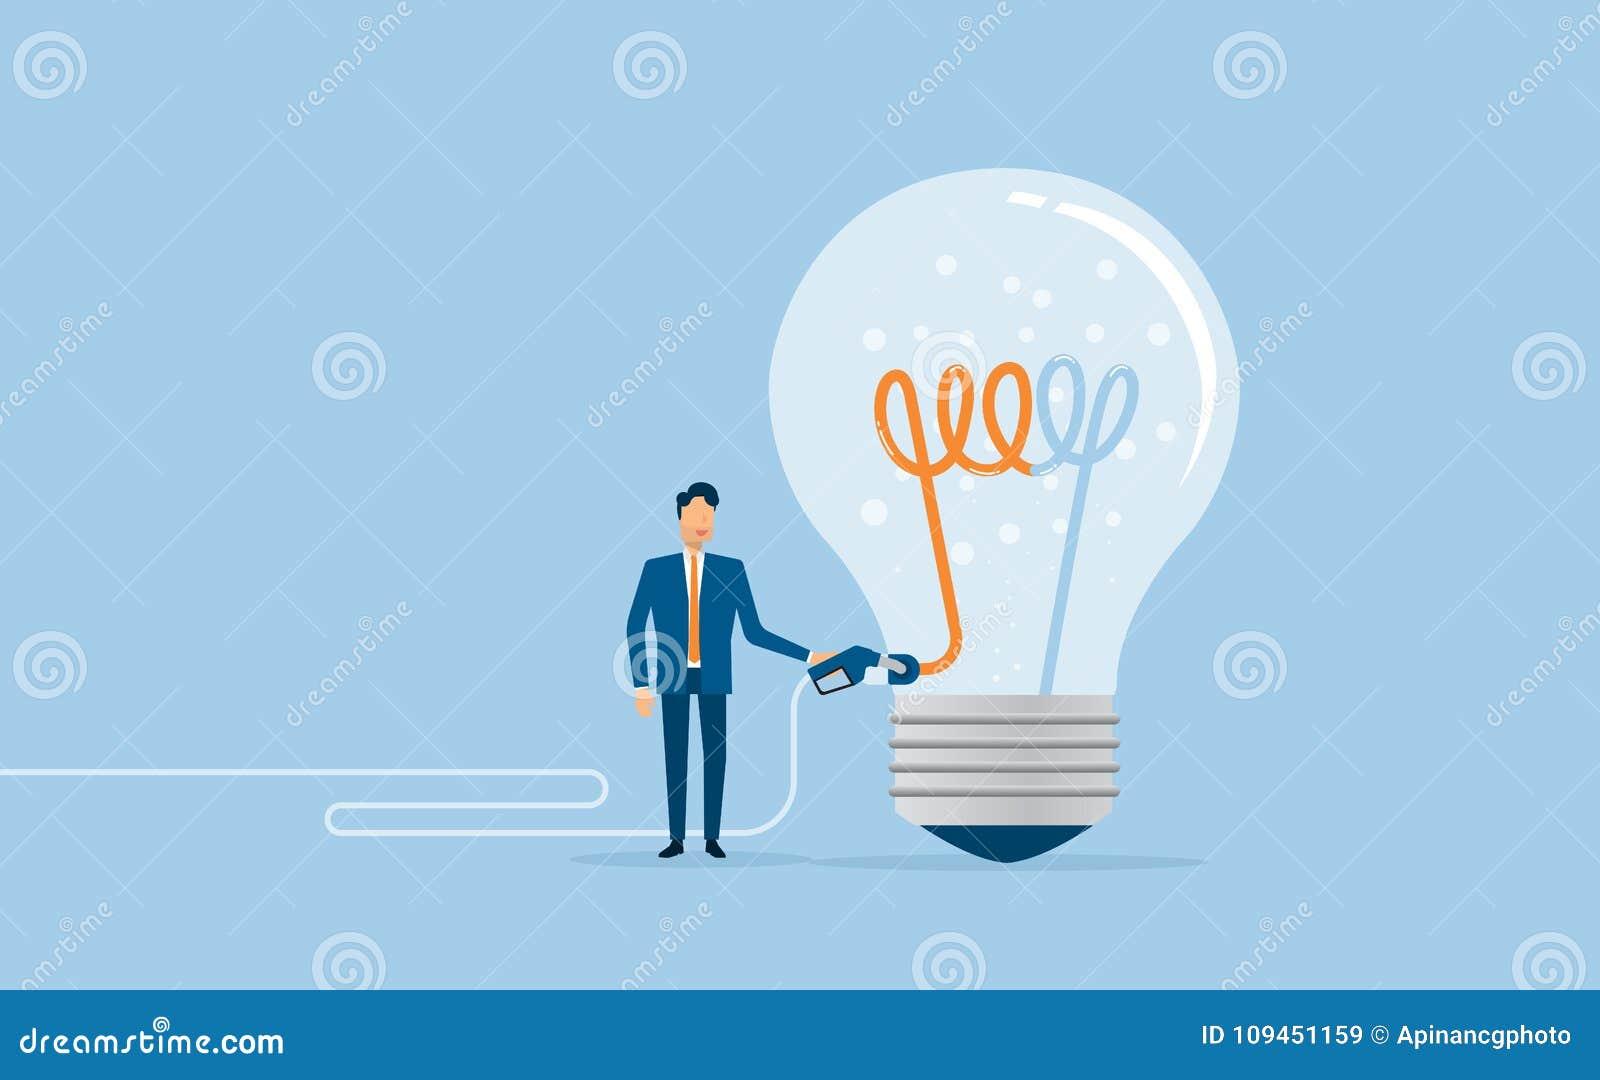 Плоский дизайн вектора для творческого заполняет вверх и концепция научного коллектива